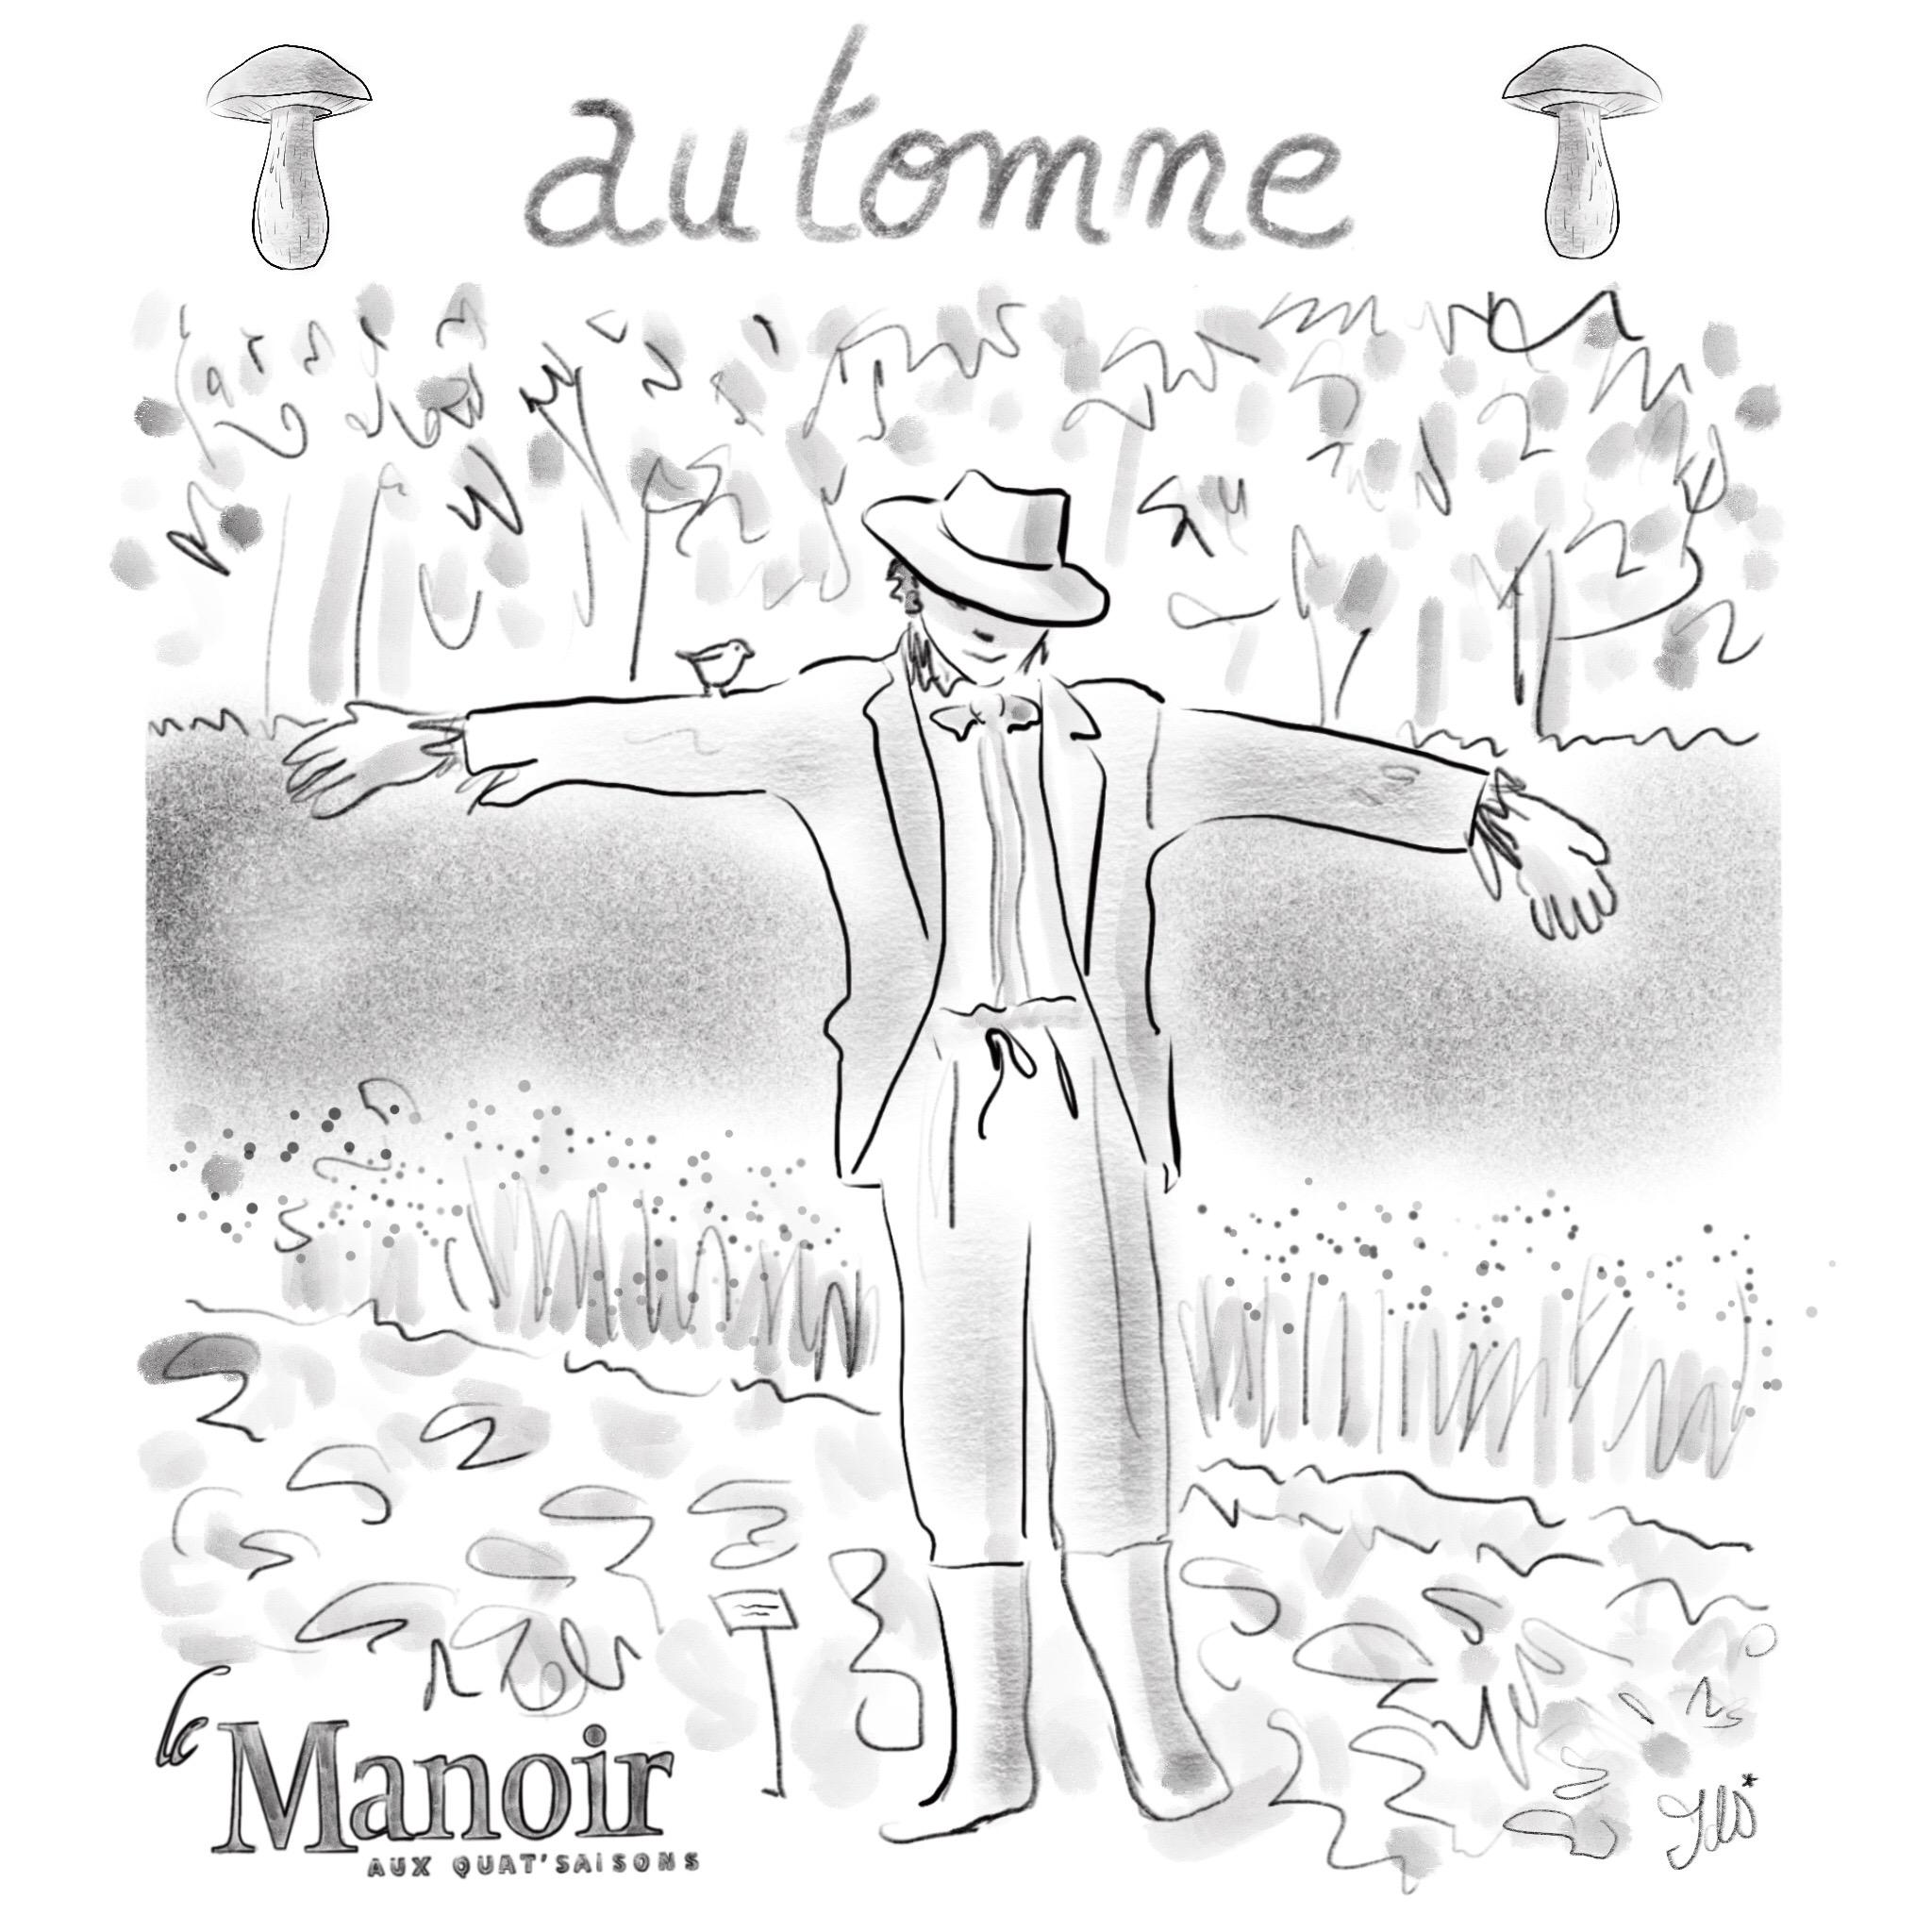 Quat'_saisons Automne.jpg